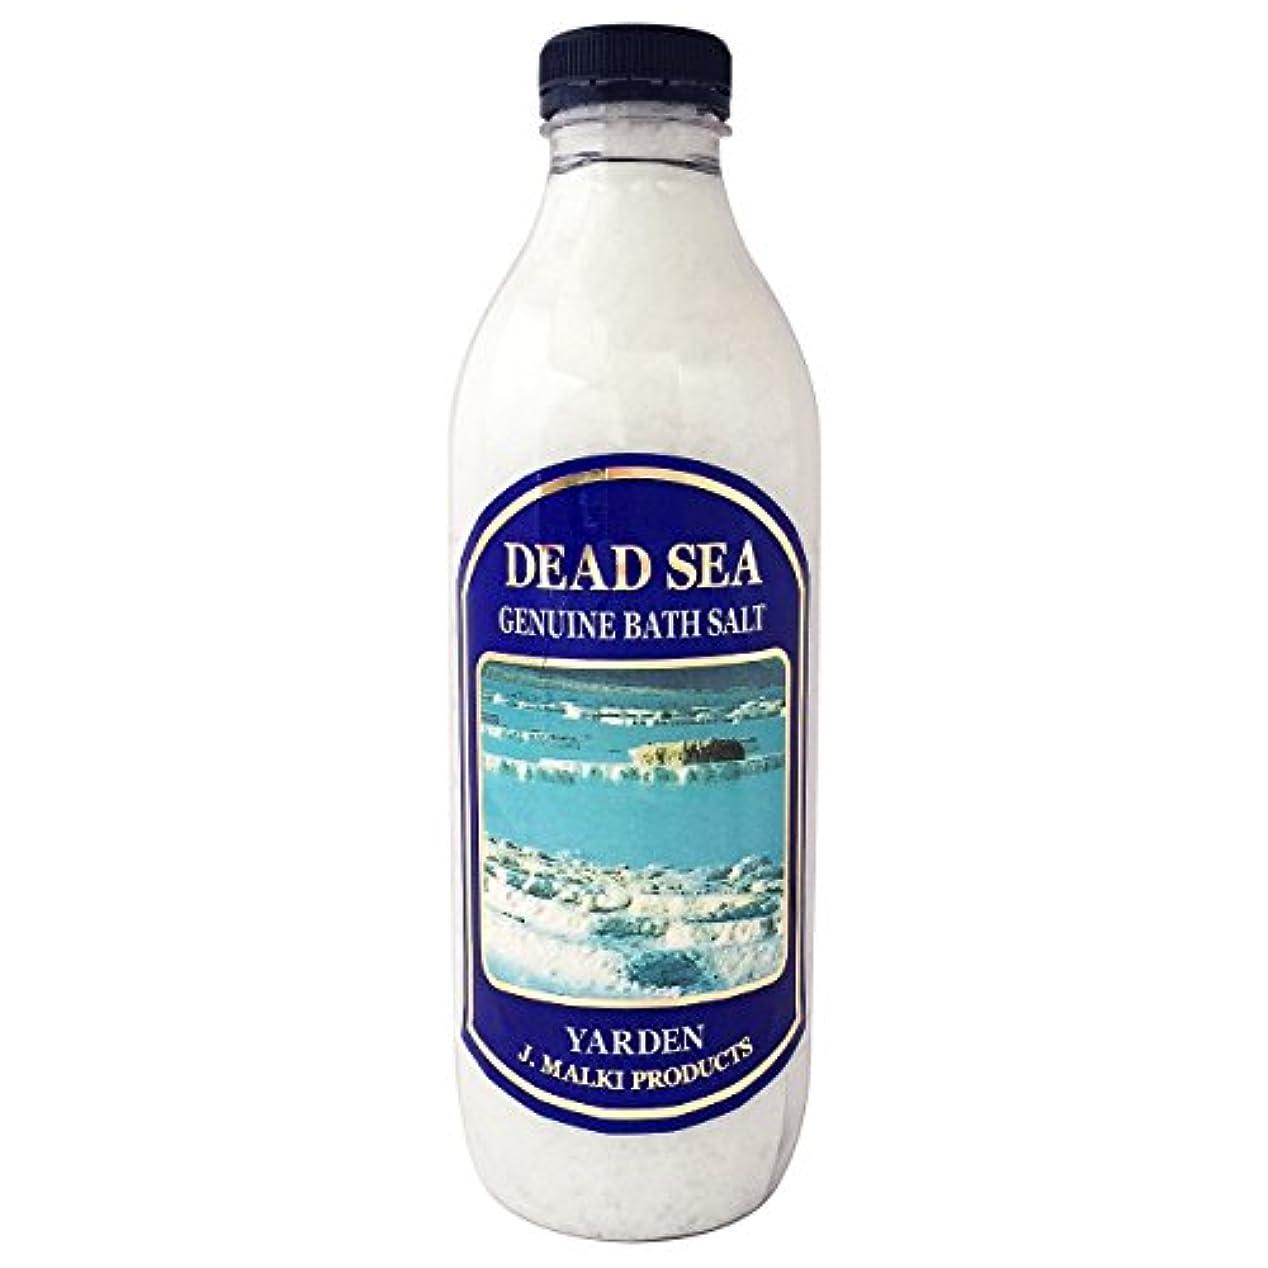 ウッズ毛布顔料デッドシー?バスソルト 1kg(約10回分)【DEAD SEA BATH SALT】死海の塩/入浴剤(入浴用化粧品)